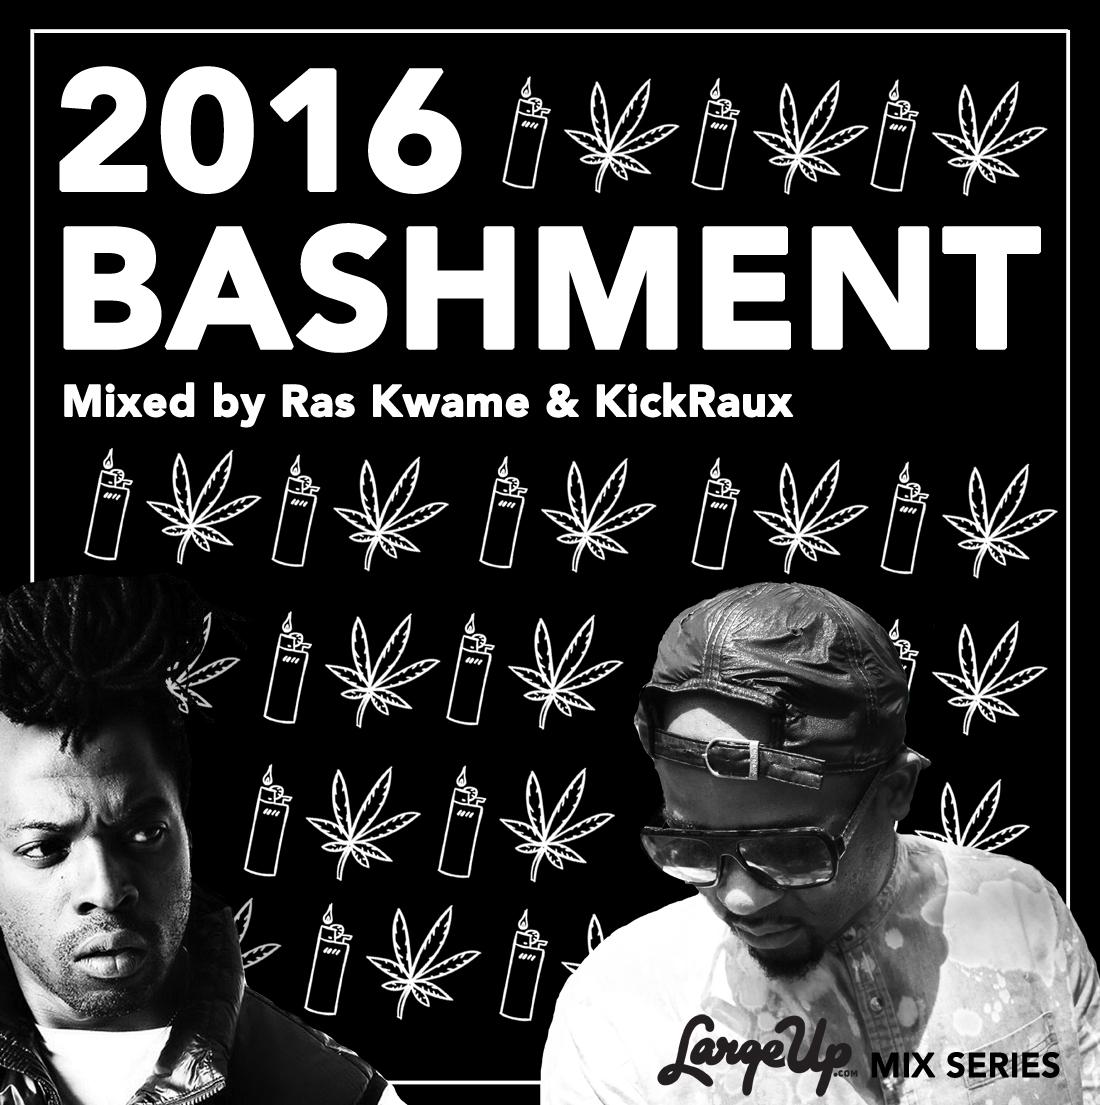 2016-bashment